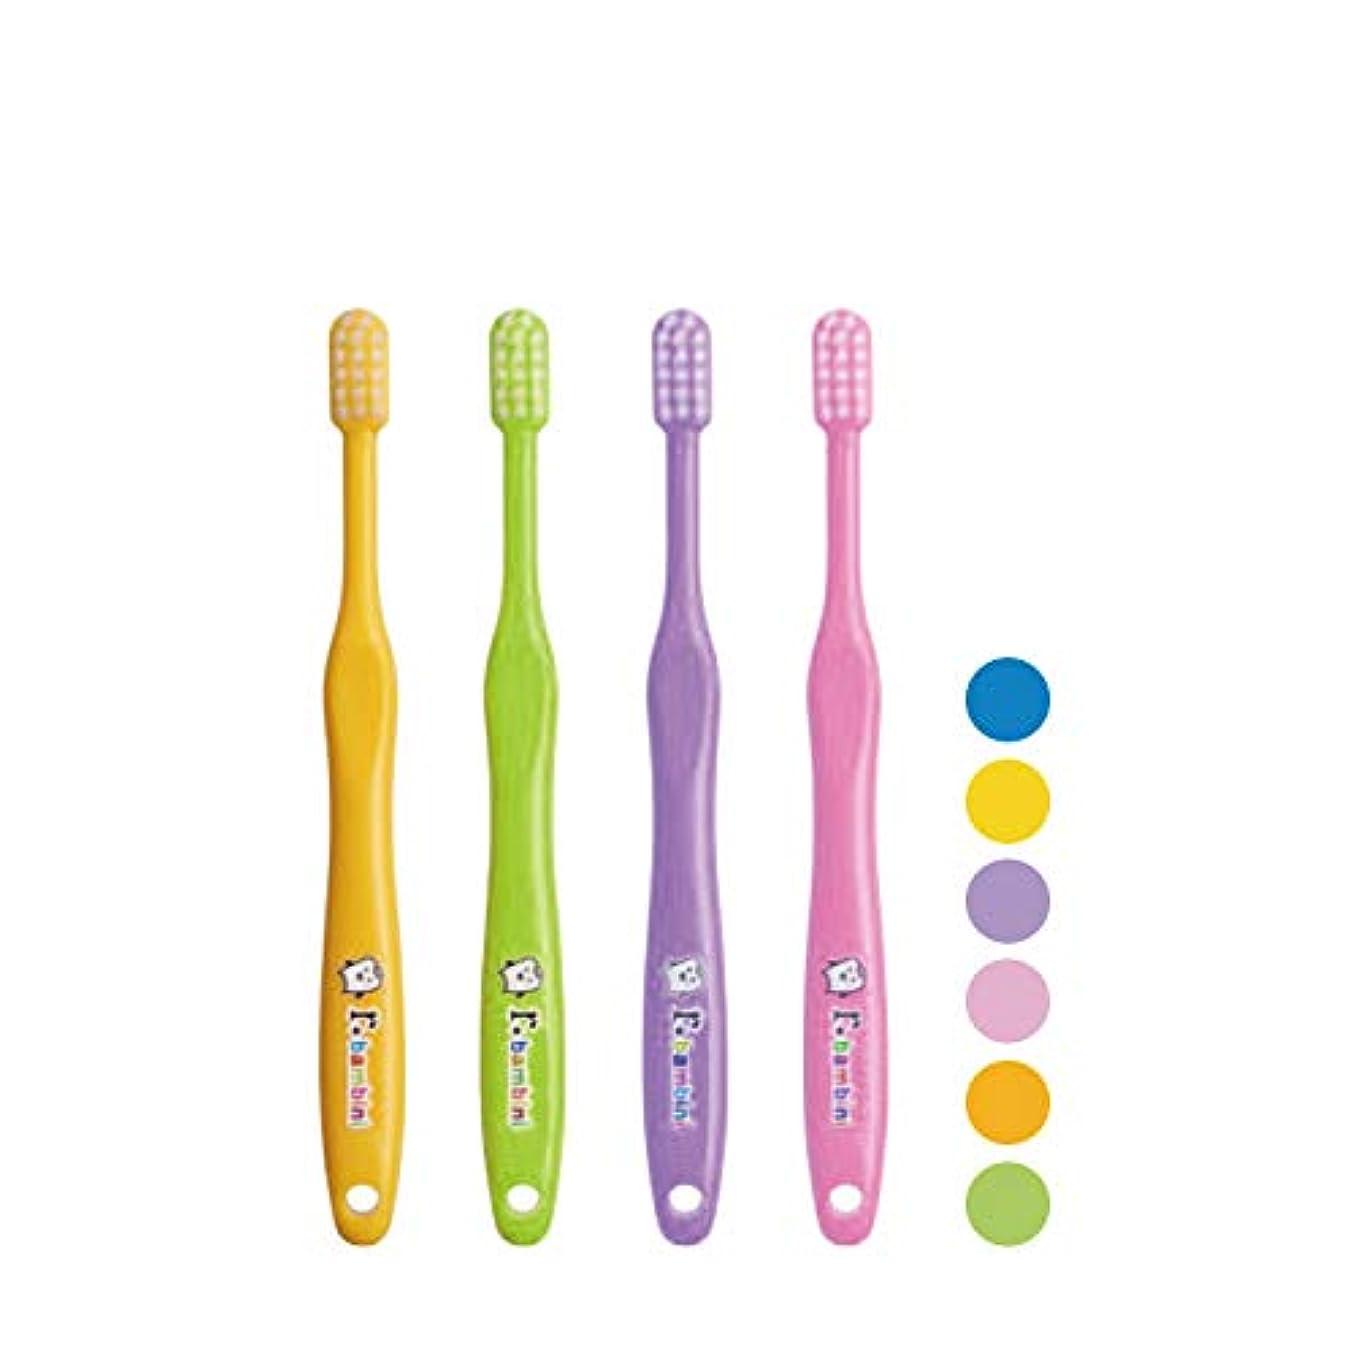 シャワー選ぶ性交サムフレンド r(アール) シリーズ アール バンビーニ 子ども用 歯ブラシ?12本セット S (やわらかめ)